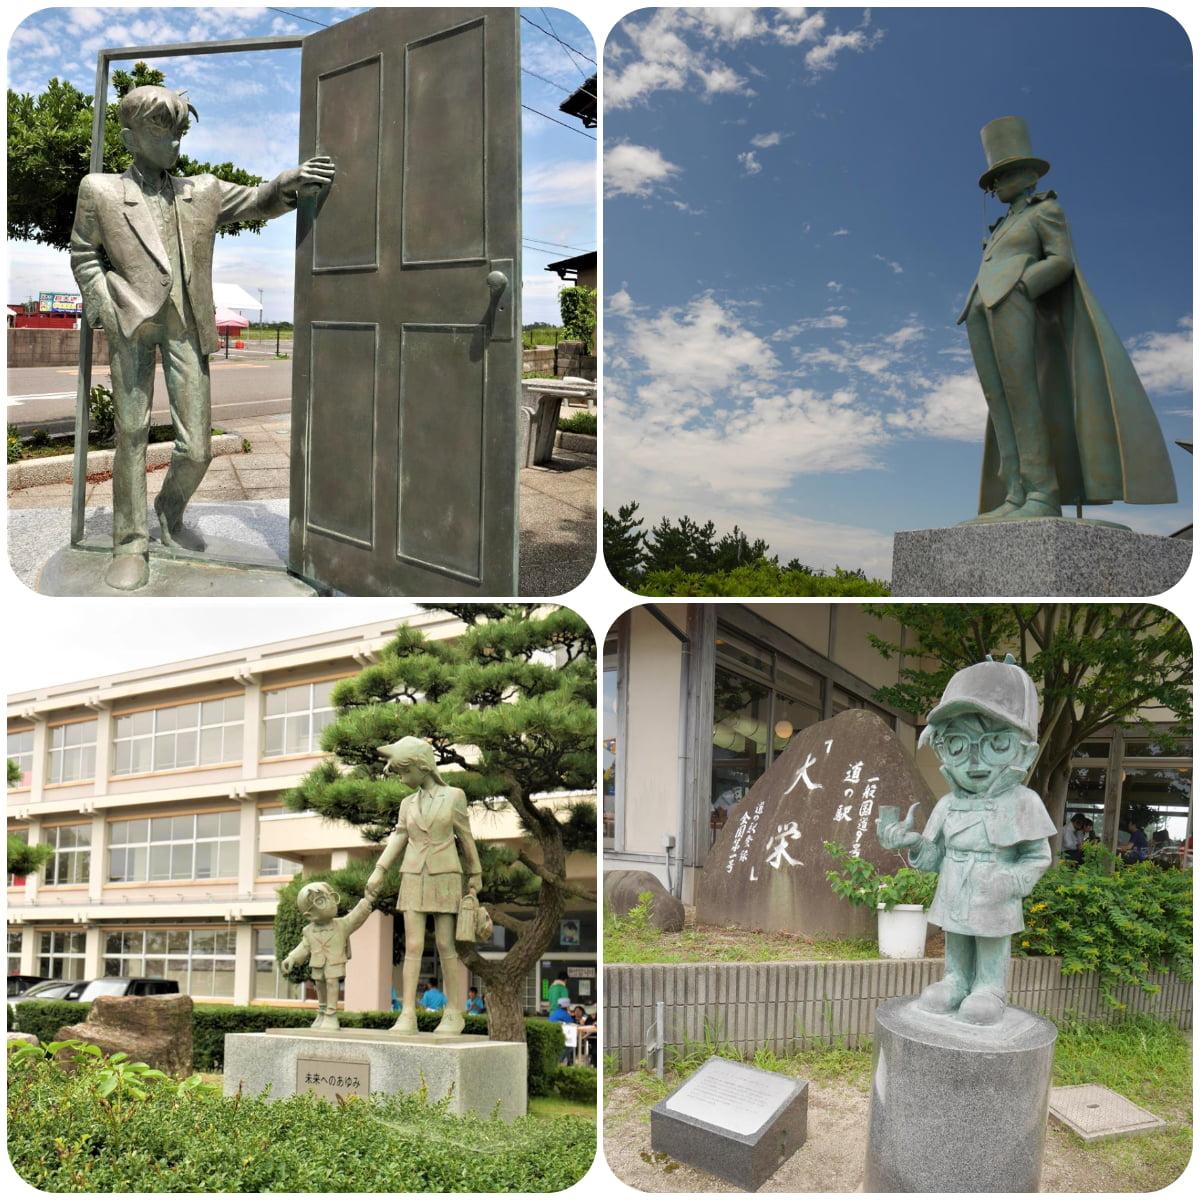 柯南小鎮中各處的雕像